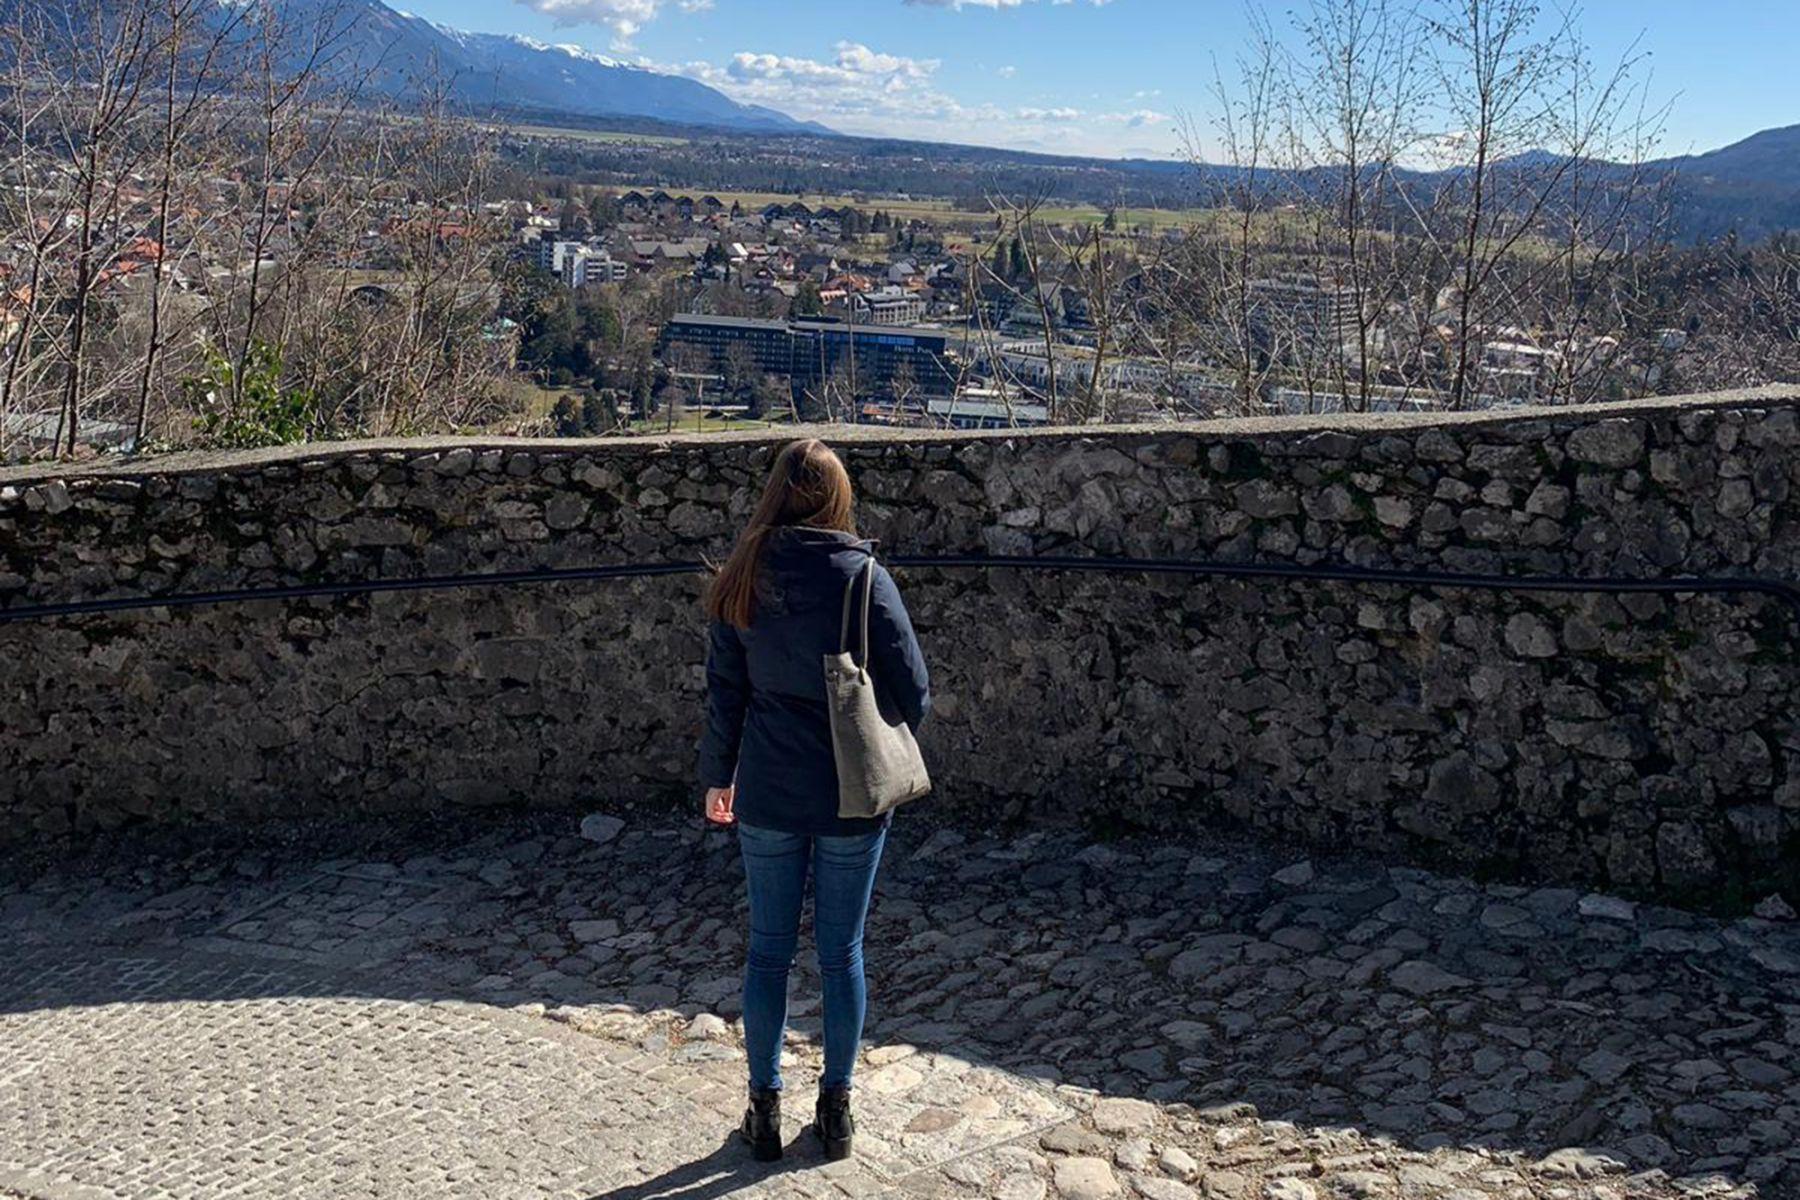 Bled Ljubljana